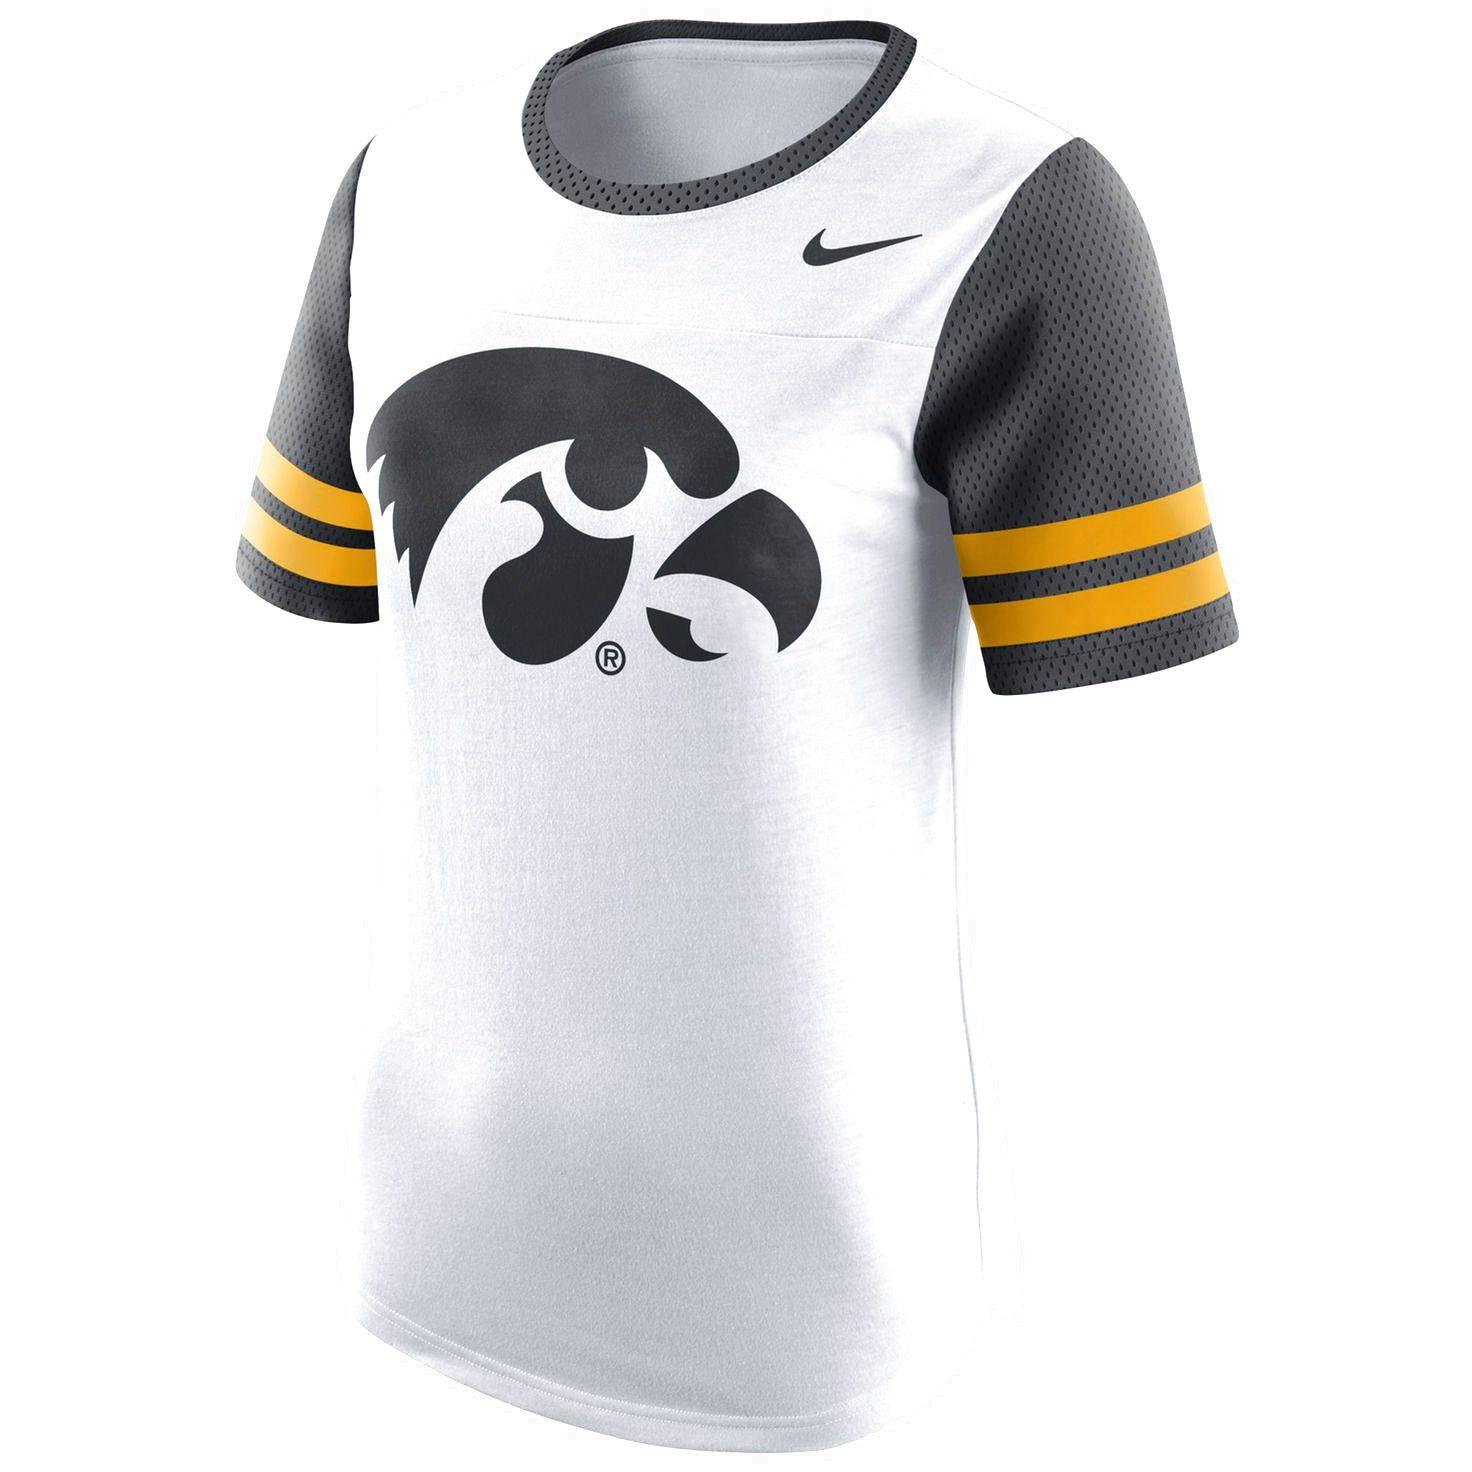 Iowa Hawkeyes Nike Women S Gear Up Modern Fan T Shirt White 41 99 Nike Women Women Shirts White [ 1472 x 1472 Pixel ]